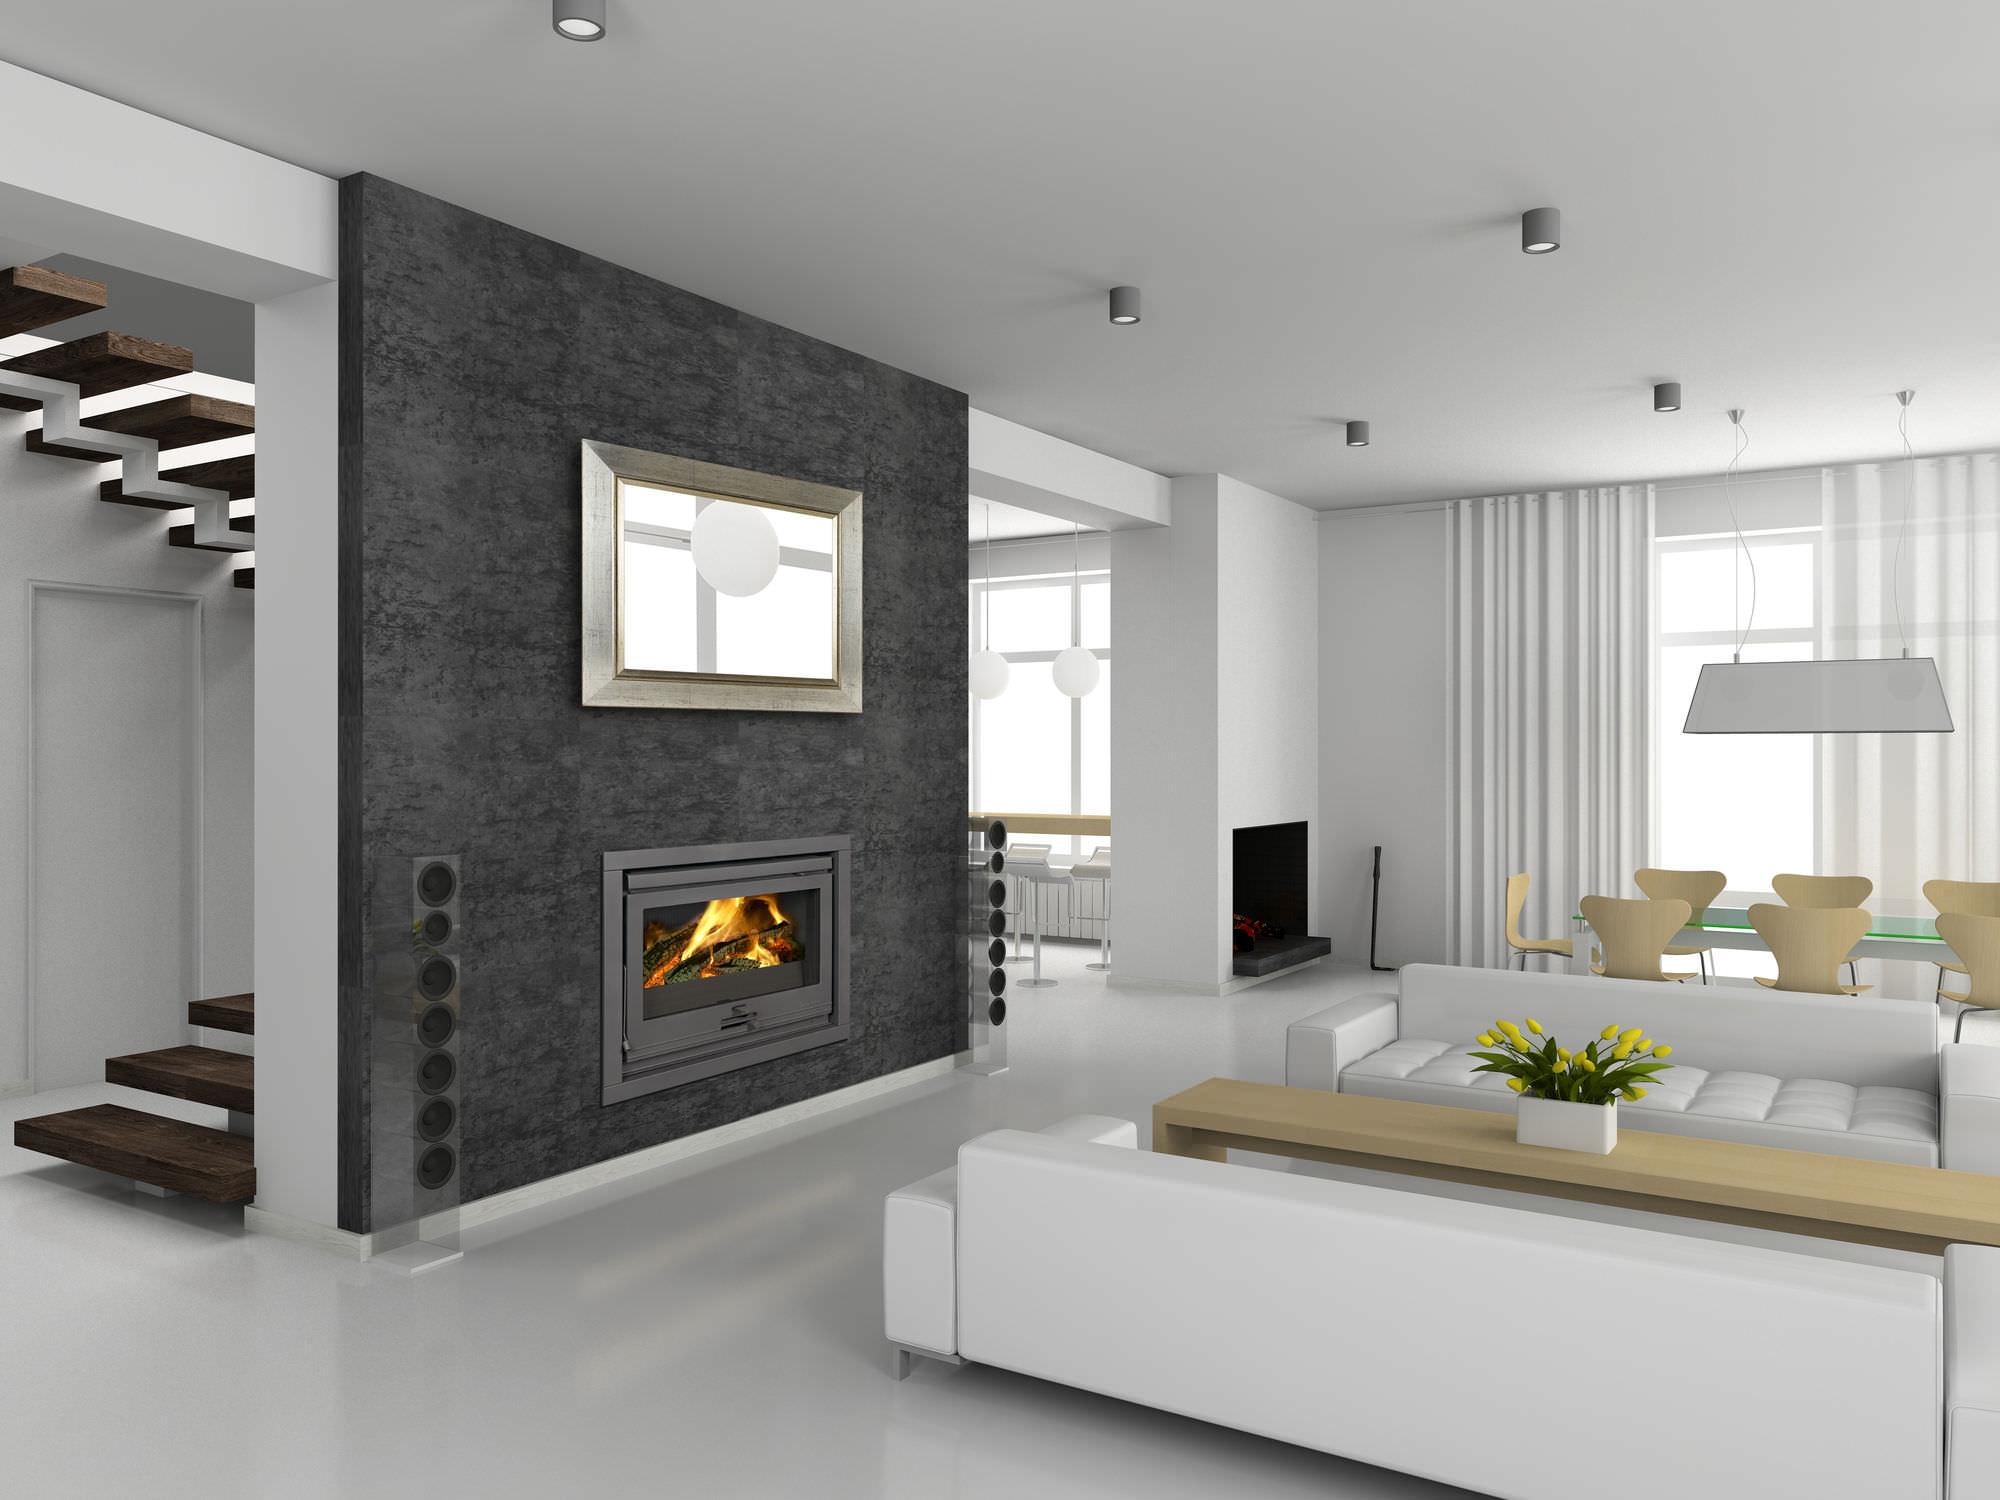 etablissement loiseau expert en chauffage et tudes thermiques depuis 1984. Black Bedroom Furniture Sets. Home Design Ideas